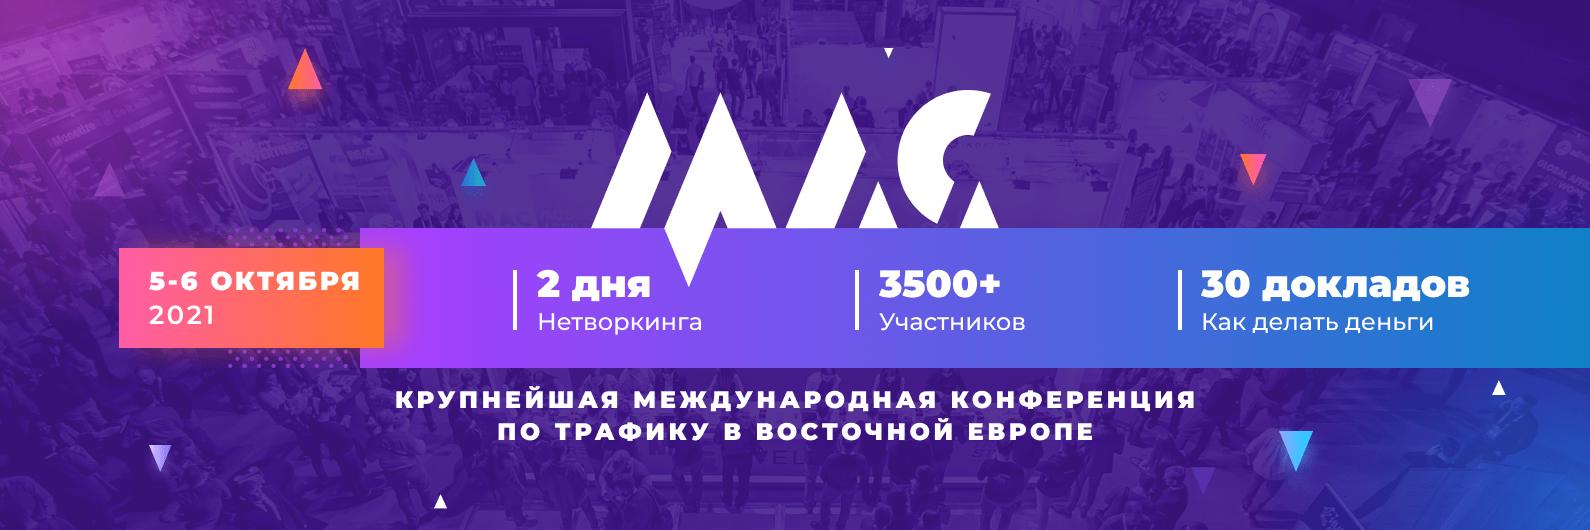 2 дня нетворкинга, 3000 участников и качественные доклады — что будет на Moscow Affiliate Conference